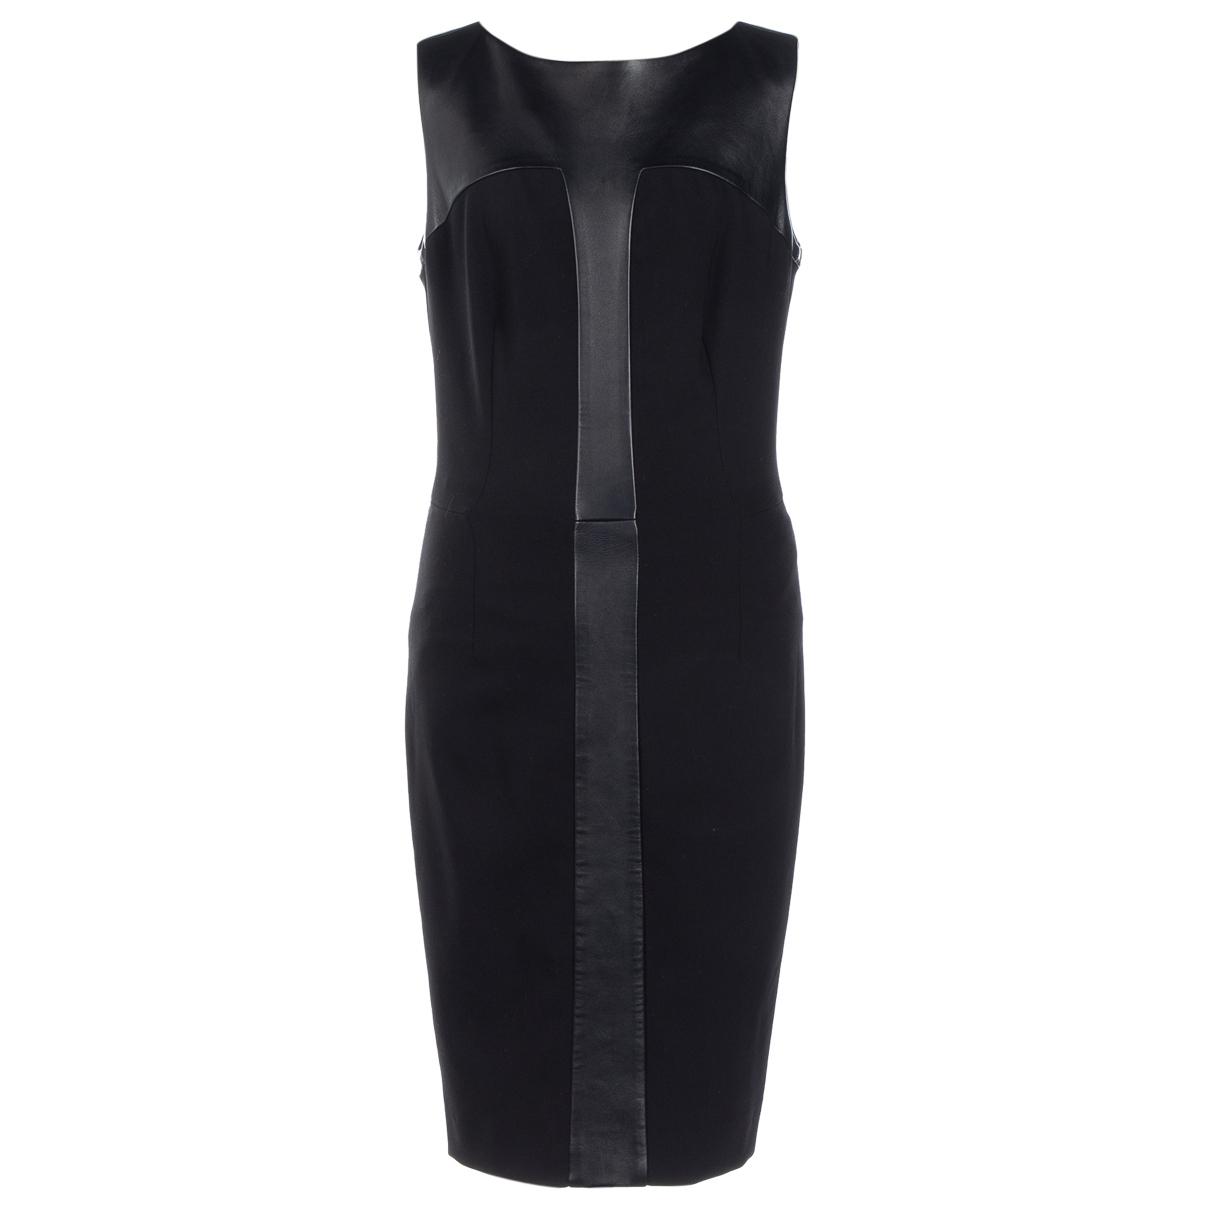 Yves Saint Laurent \N Kleid in  Schwarz Synthetik